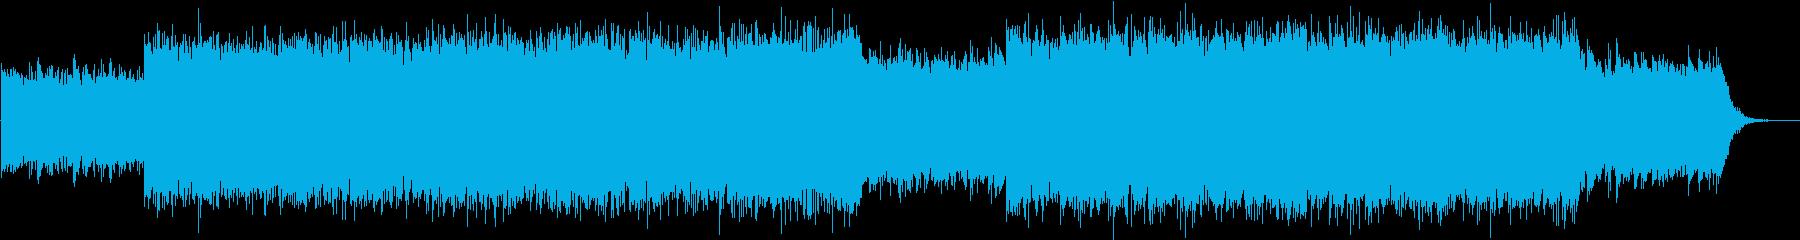 美しく幻想的なチルアウト(アンビエント)の再生済みの波形